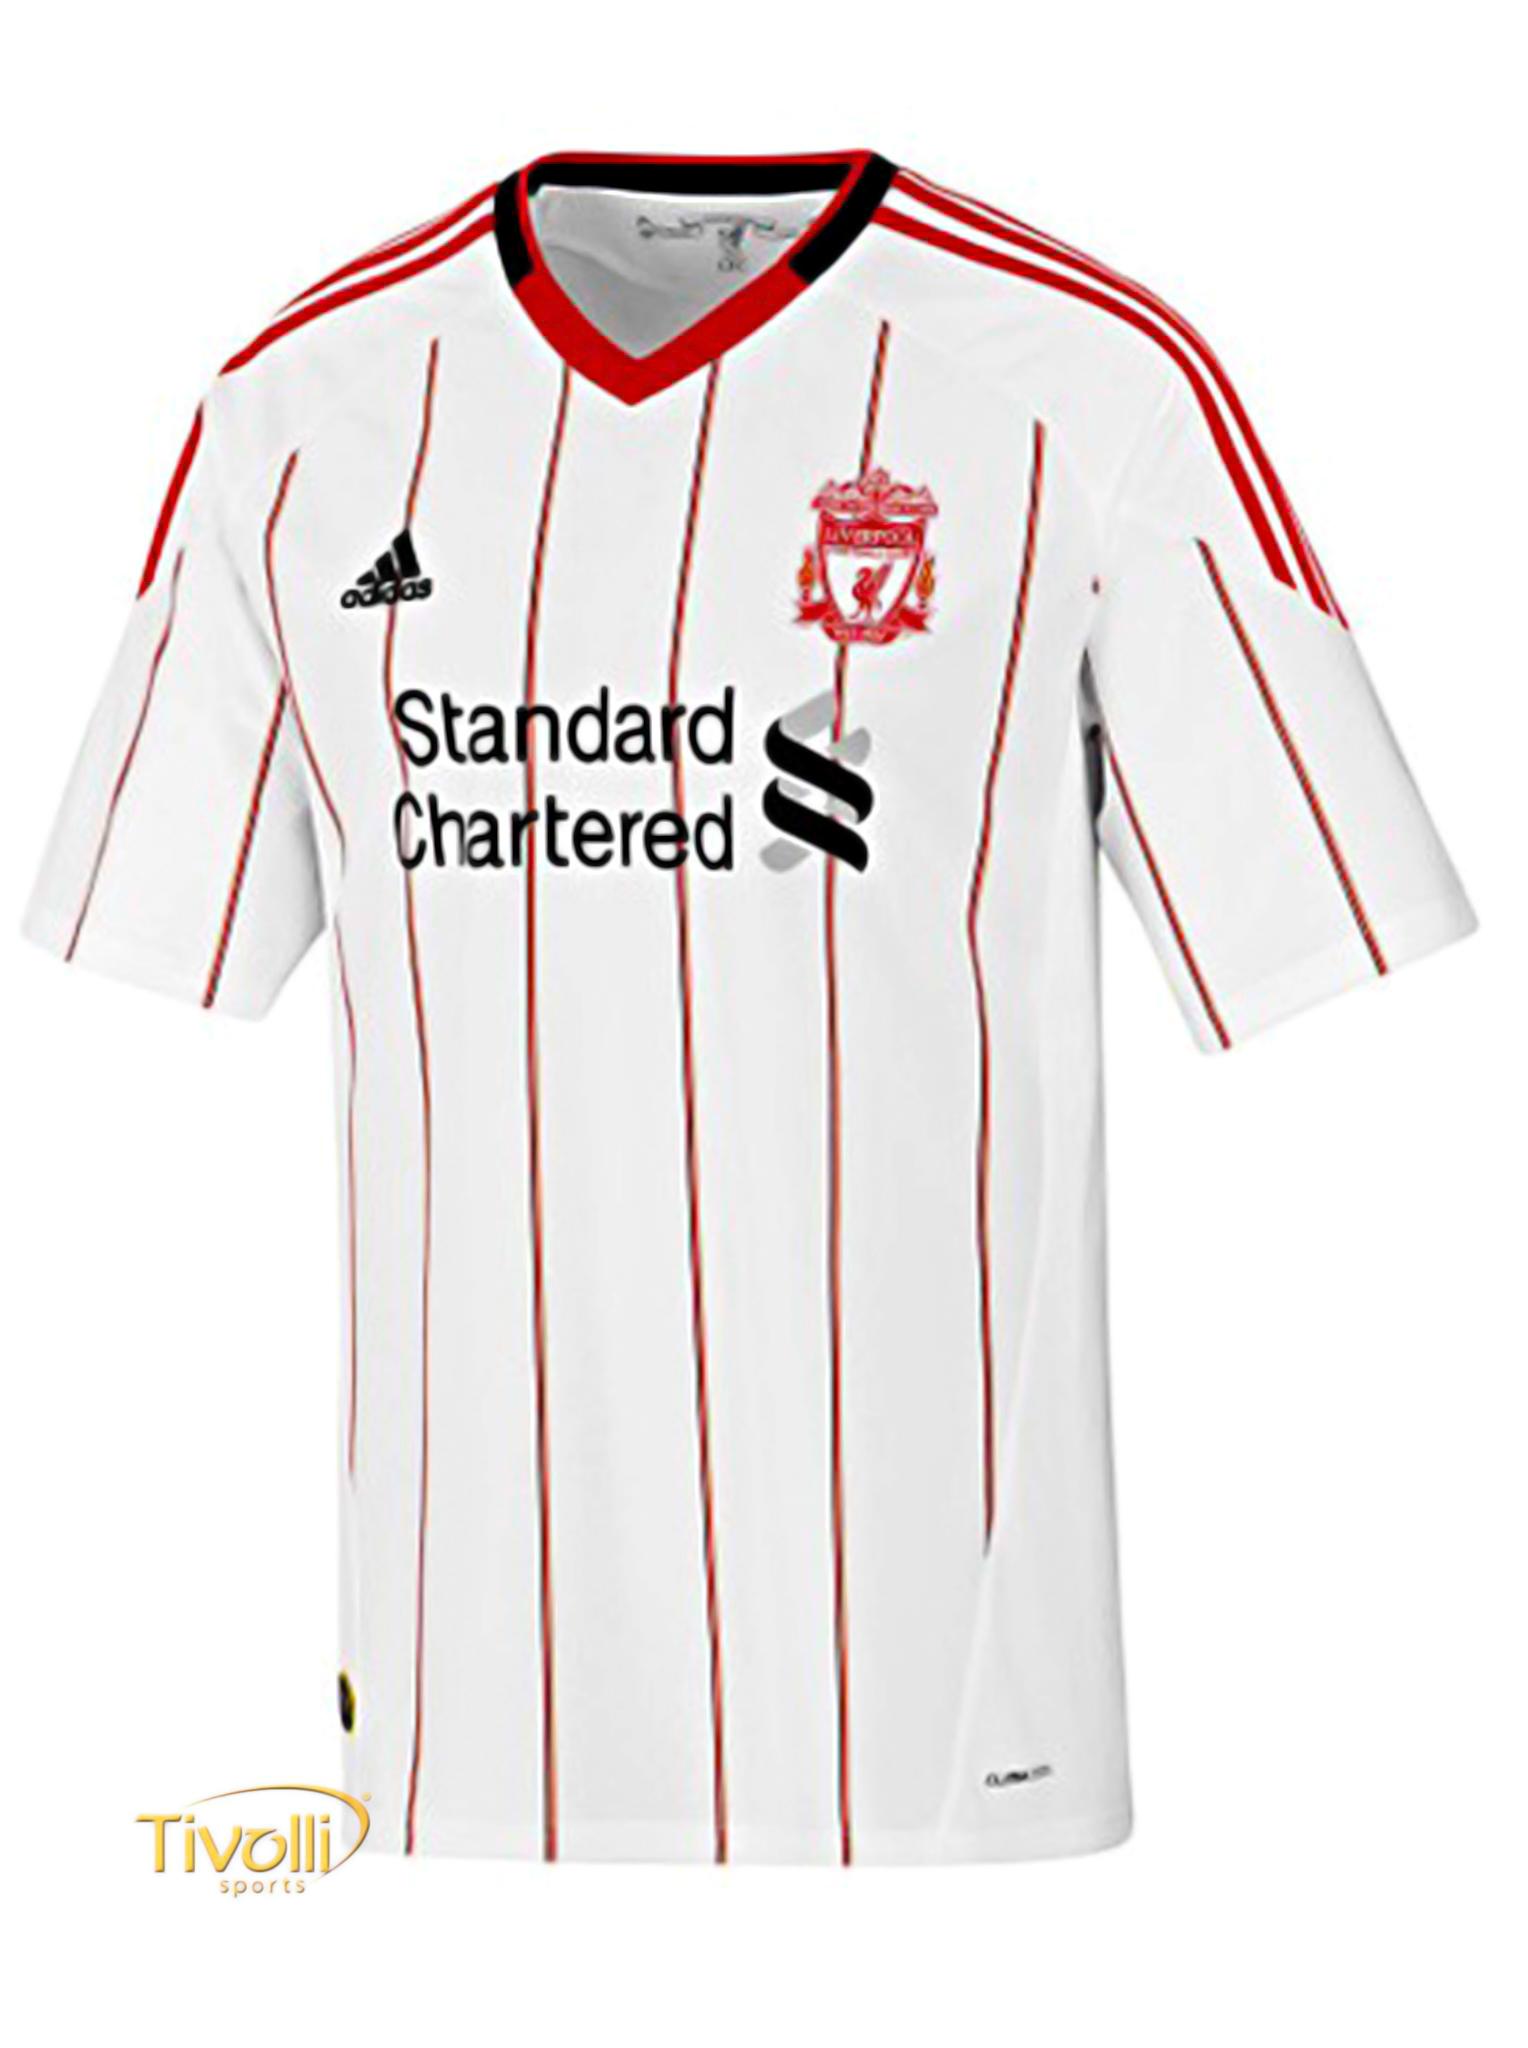 Black Friday - Camisa Liverpool II Away Adidas 2010 Branca e Vermelha 744cafc04e60a